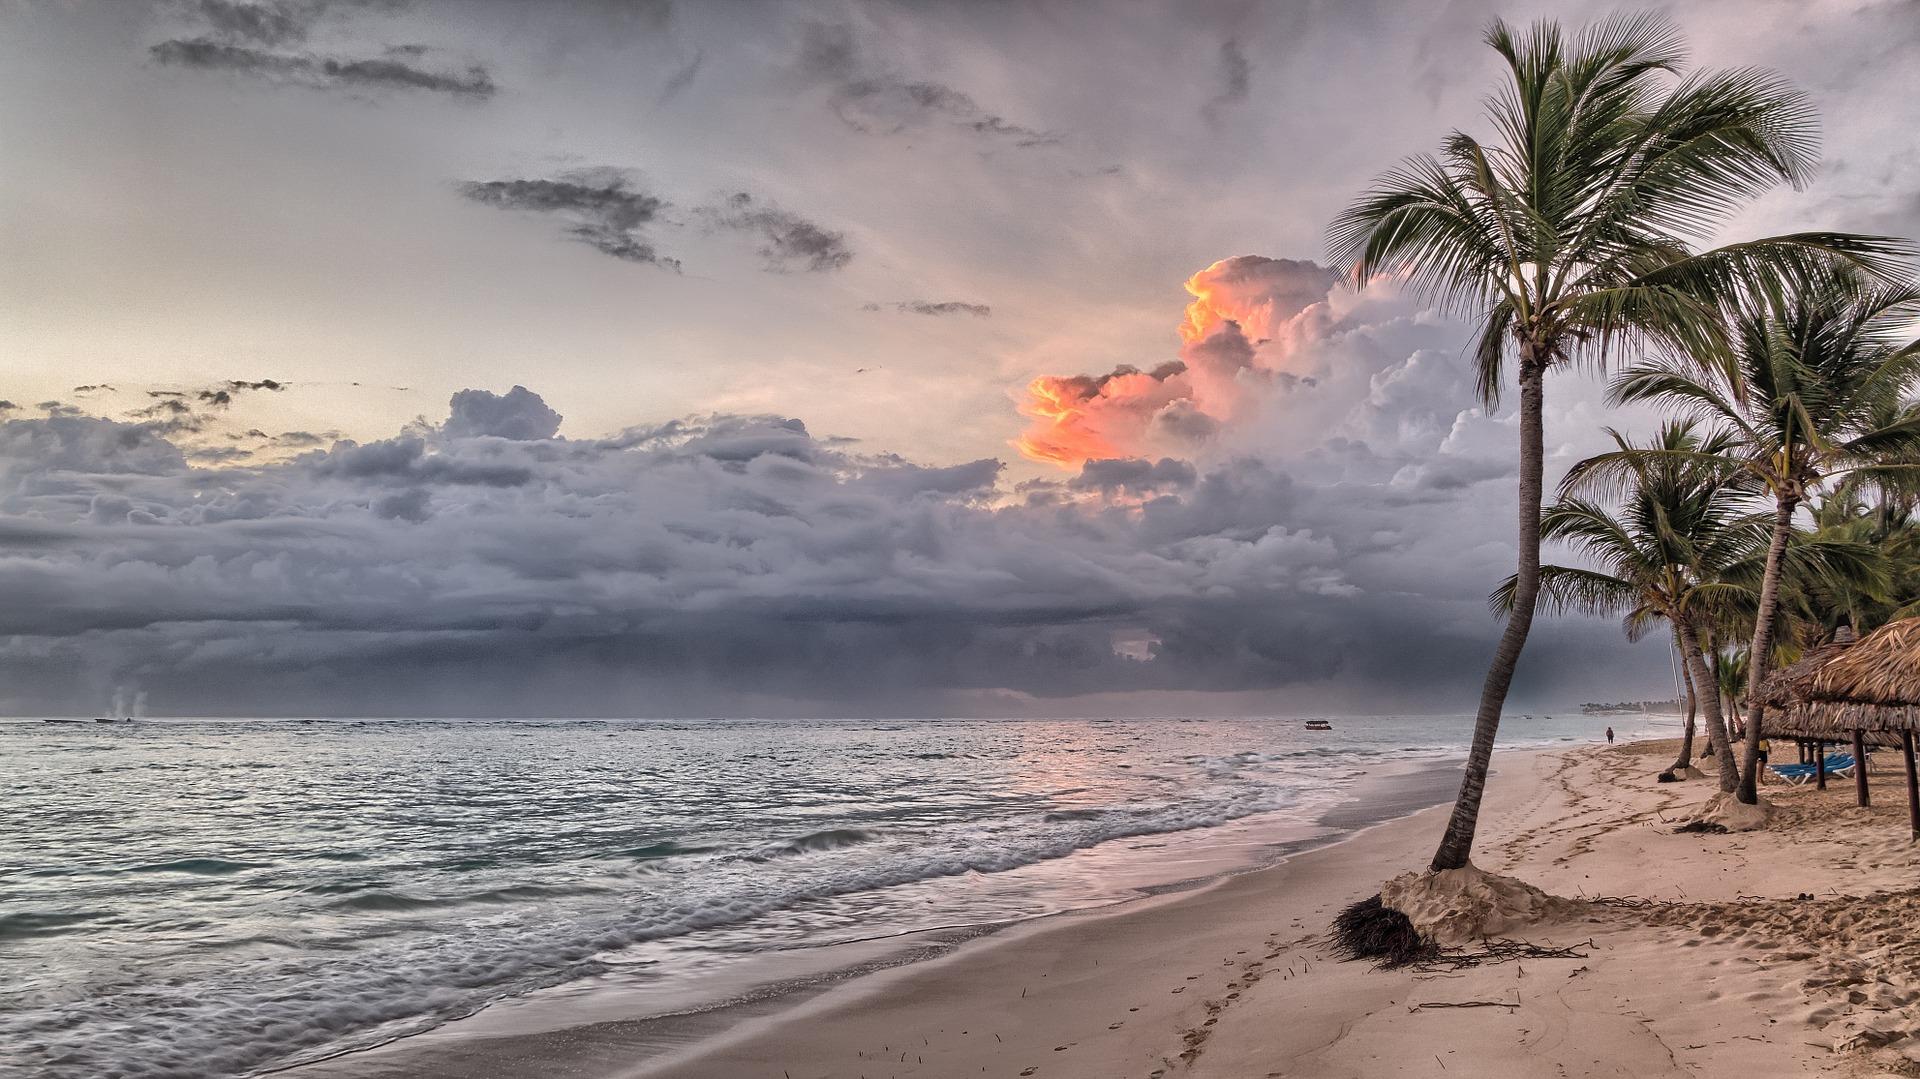 beach-1236581_1920.jpg